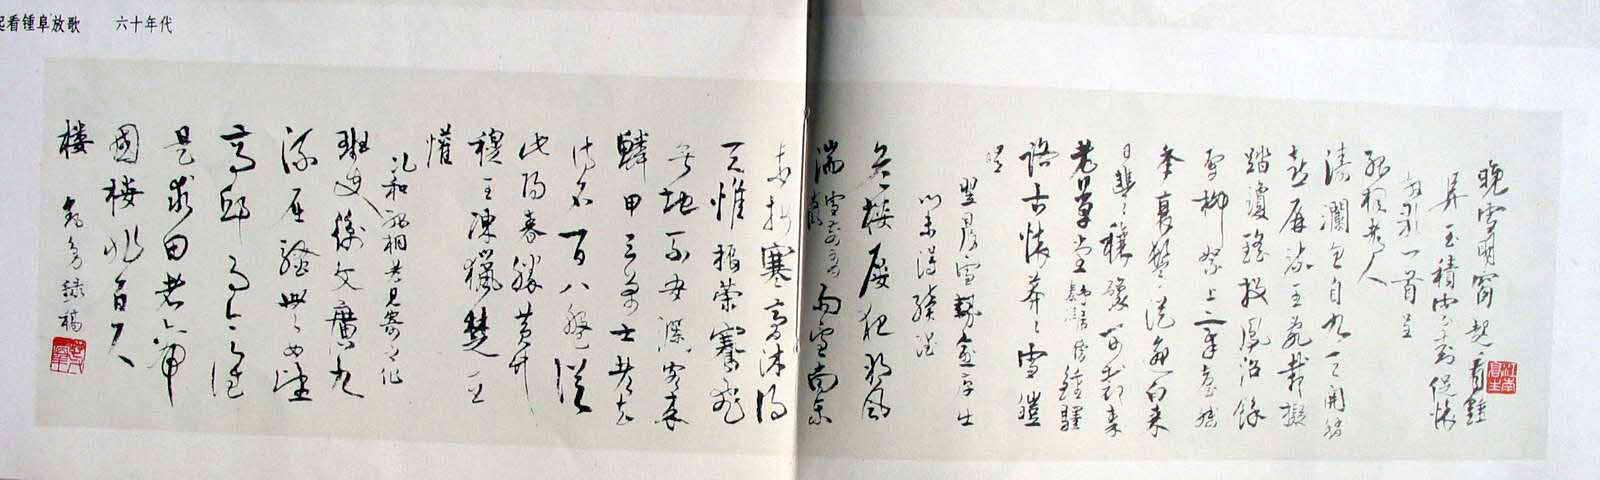 148_717_52.jpg